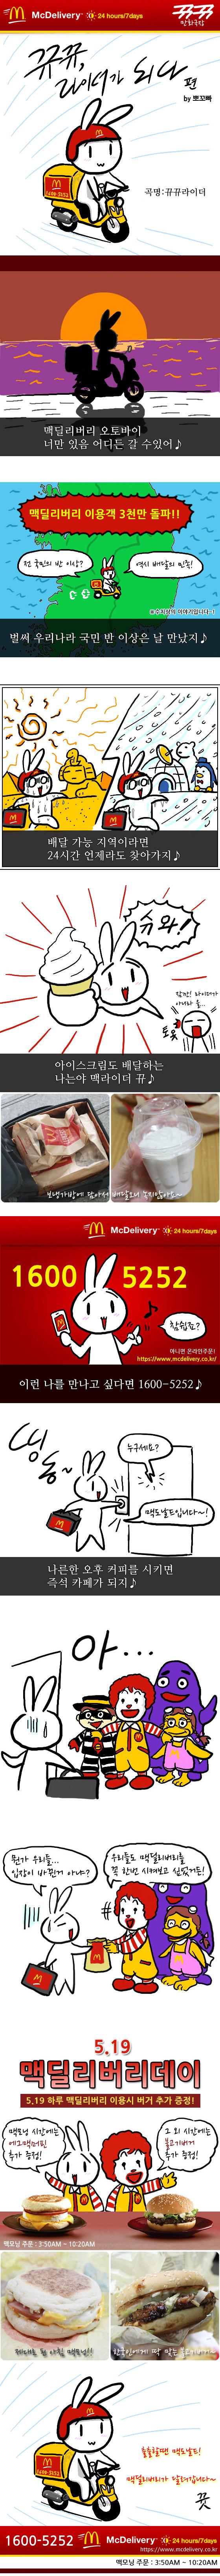 뀨뀨만화극장 맥도날드 웹툰3 [뀨뀨라이더]편